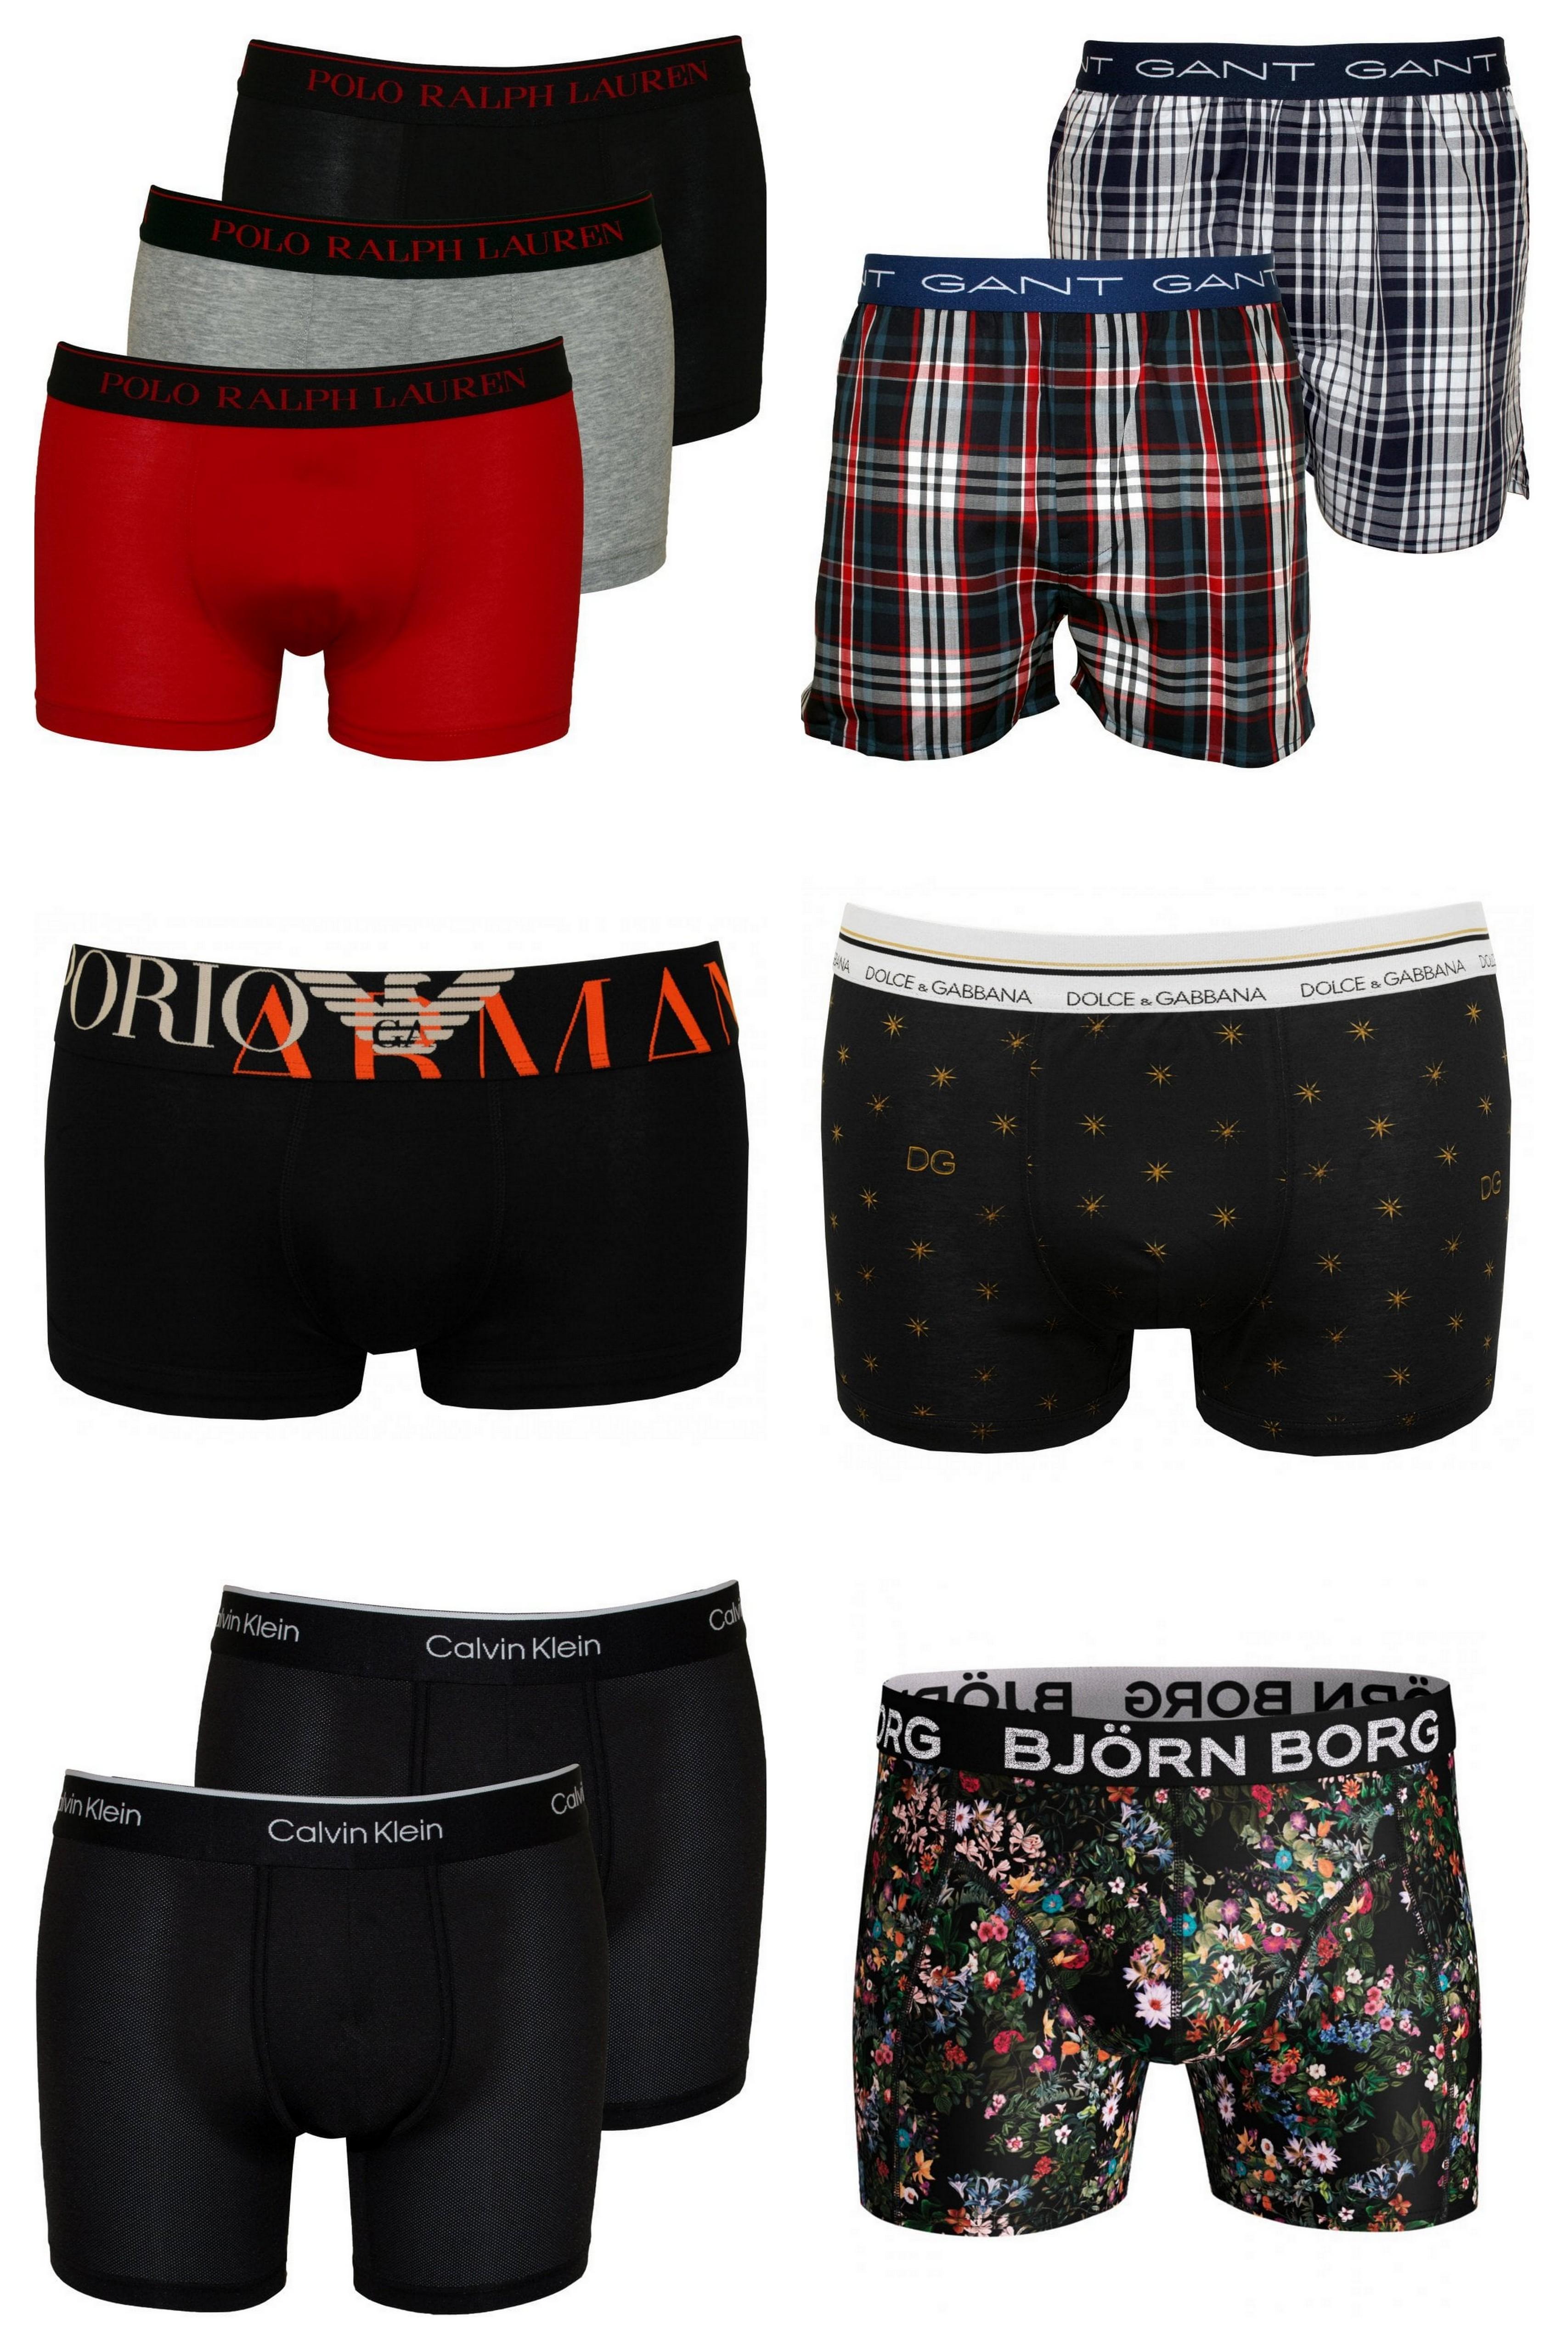 men's underwear of aw18